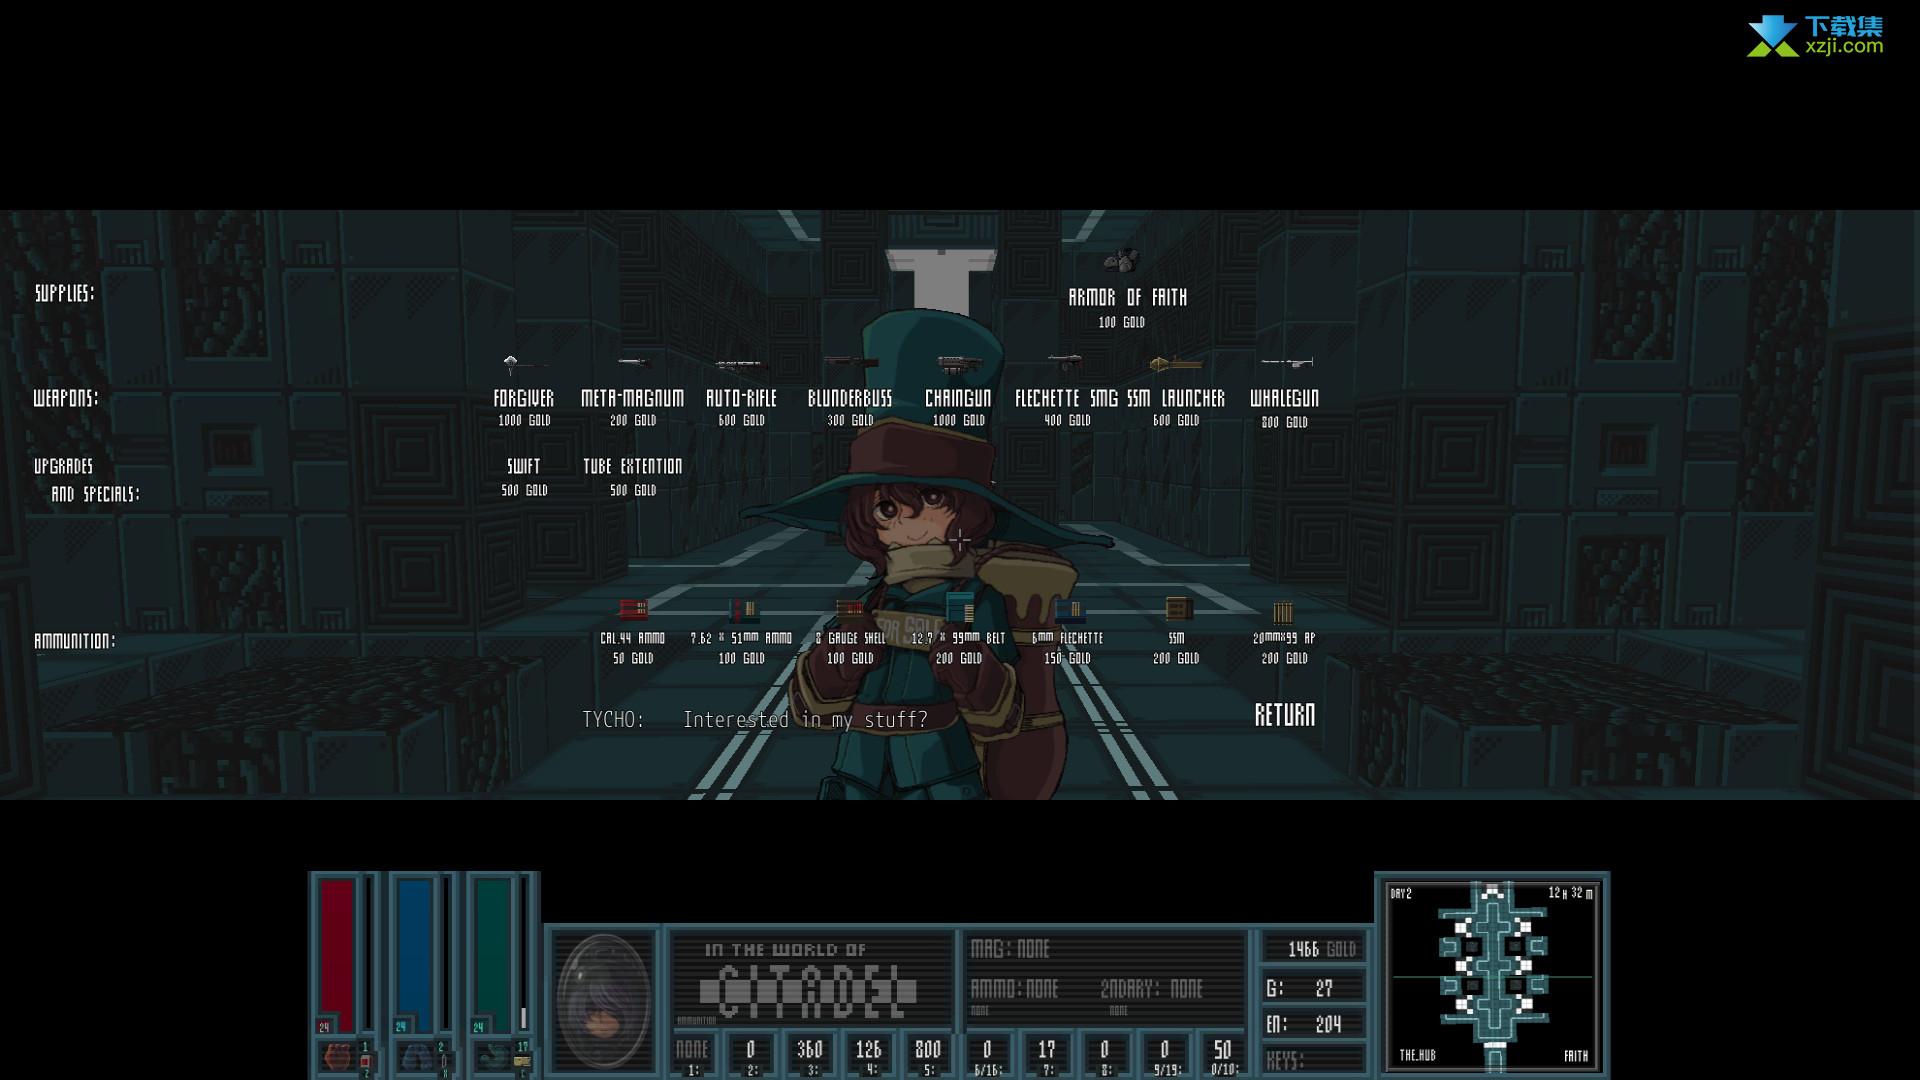 The Citadel界面4